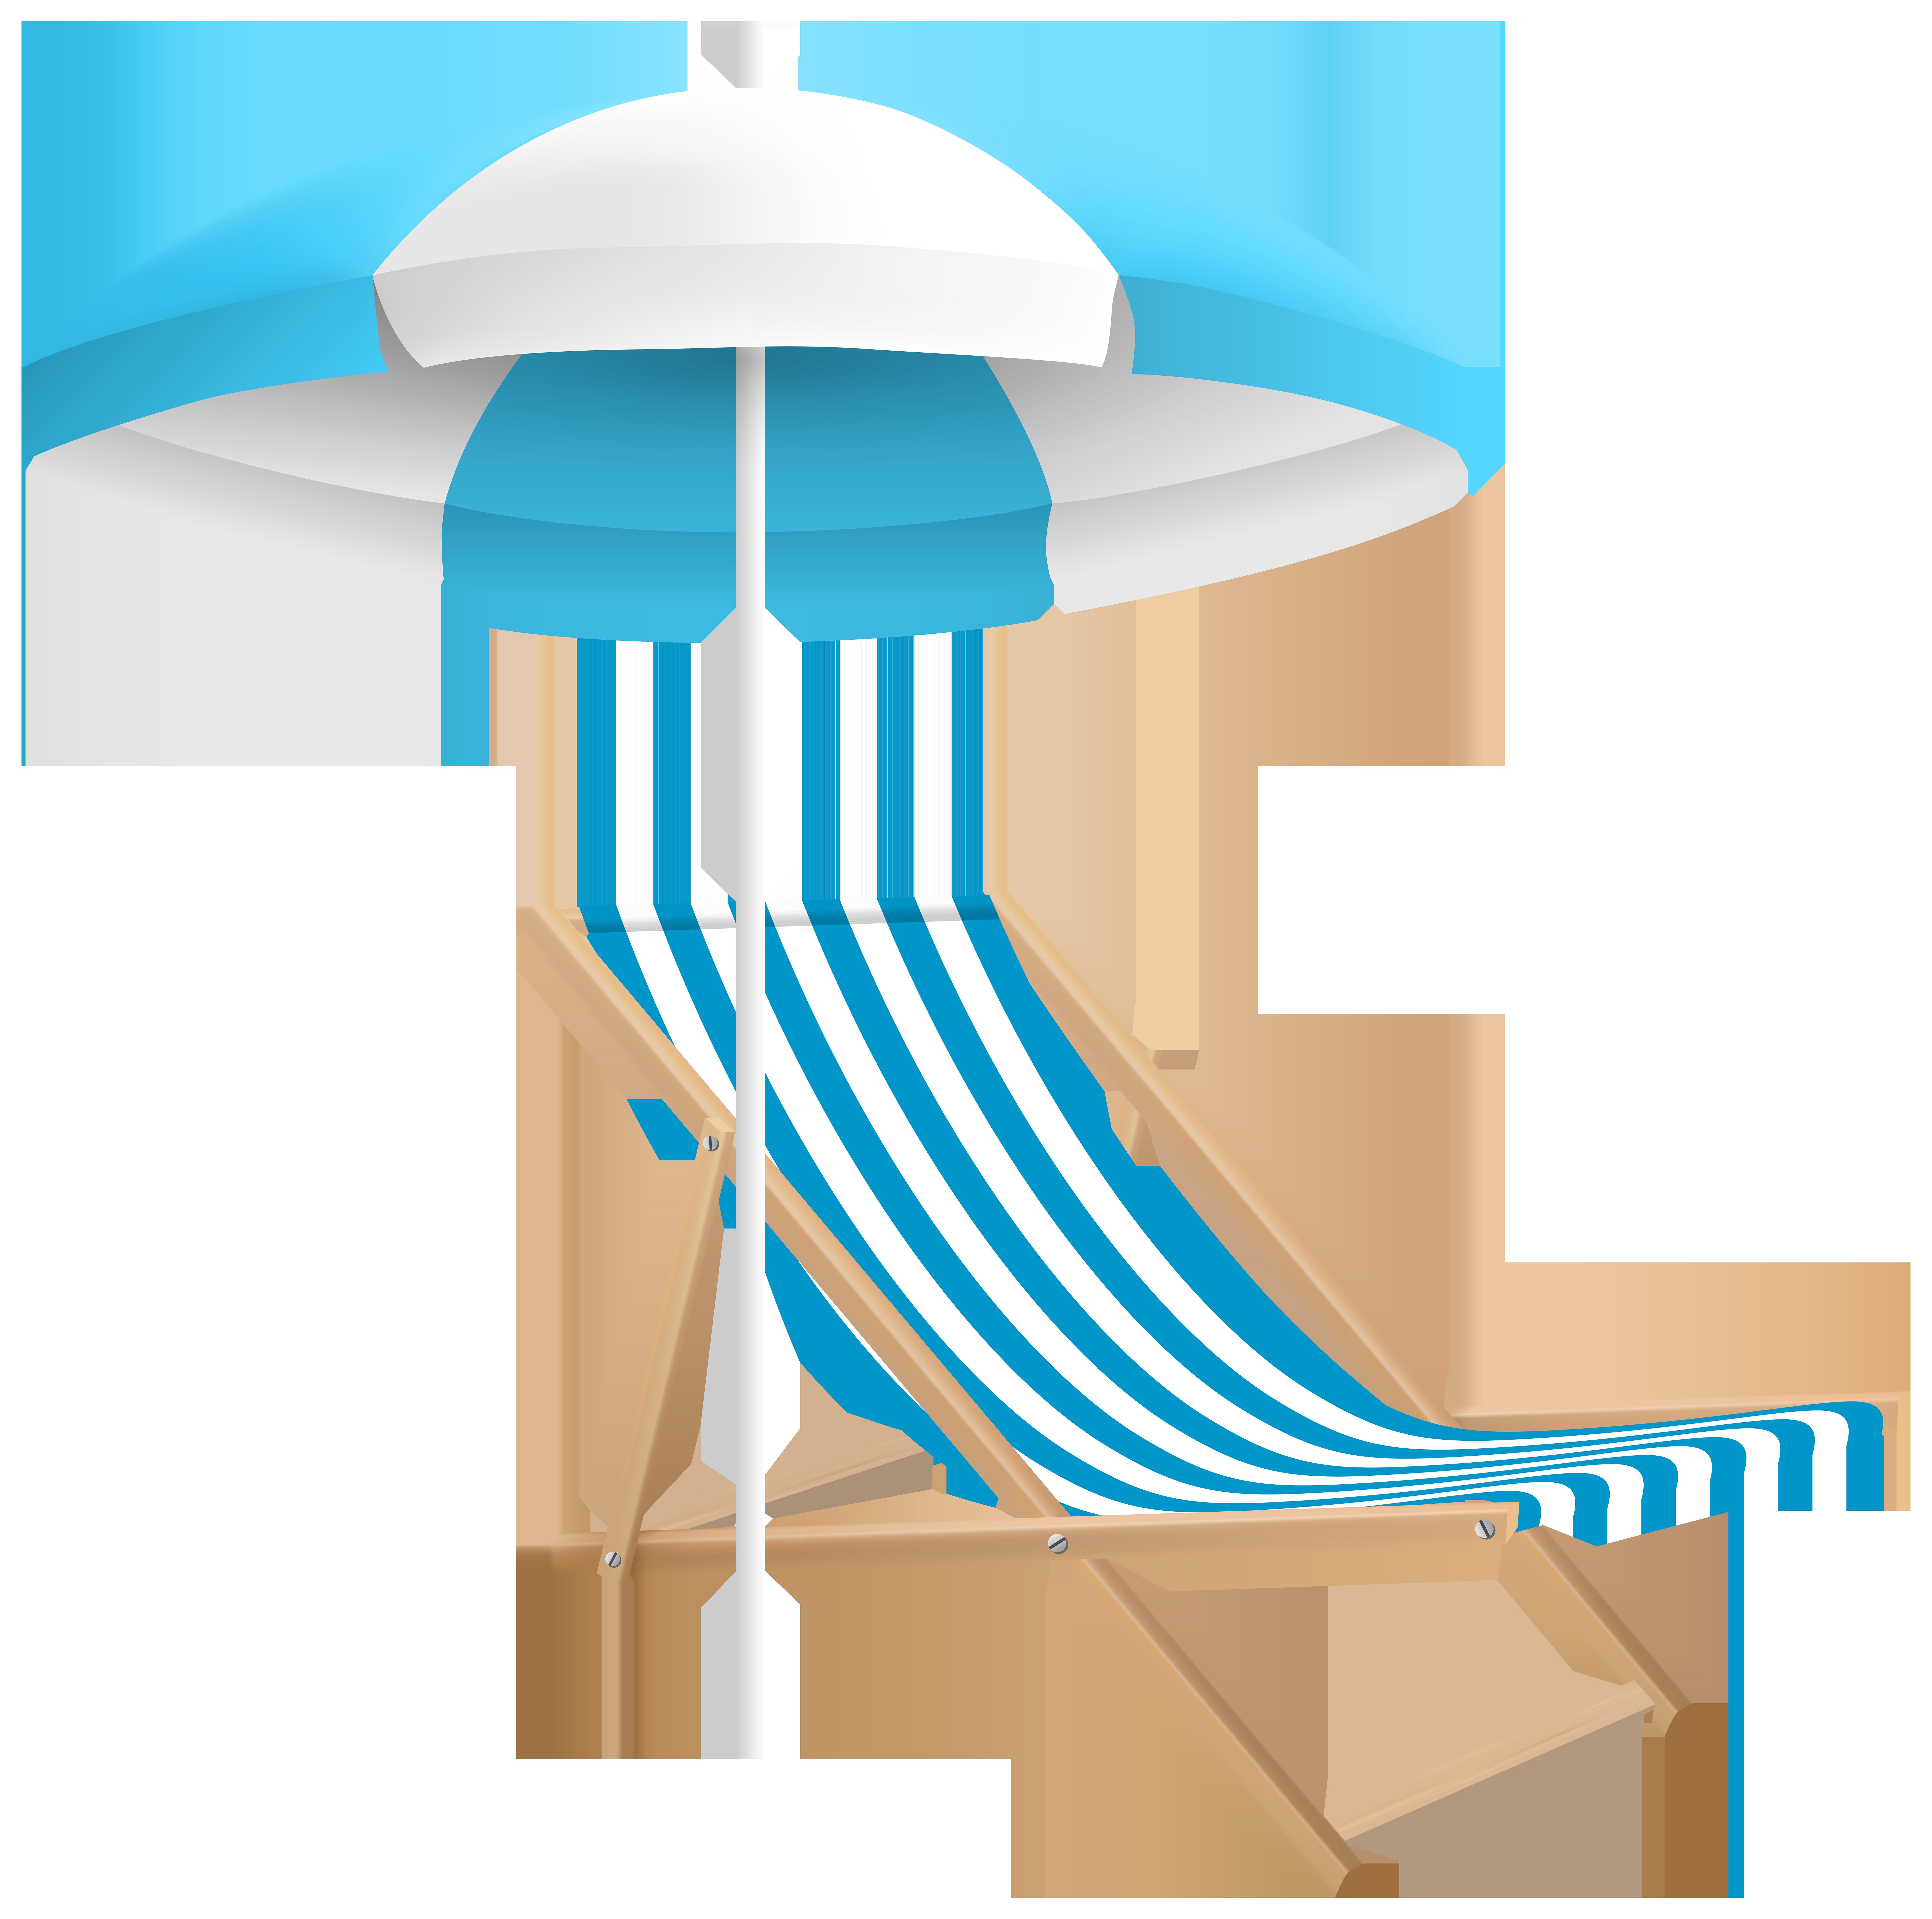 Chair Umbrella Beach Table Strandkorb.